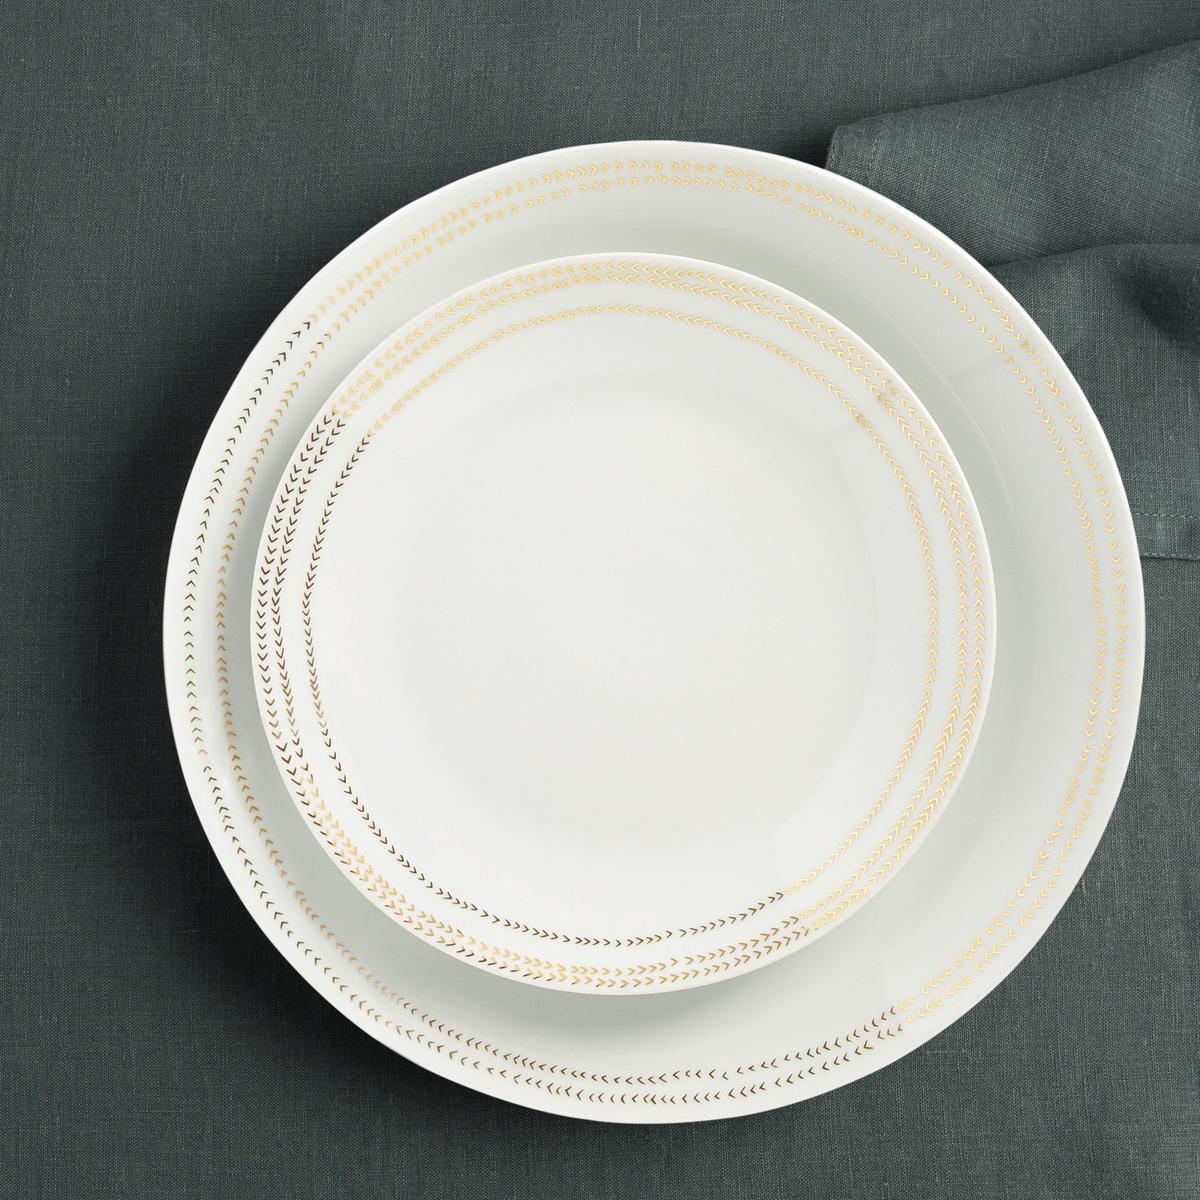 Фото - 4 десертные LaRedoute Тарелки Essentielle единый размер белый 4 десертные laredoute тарелки из глазурованной керамики anika единый размер серый